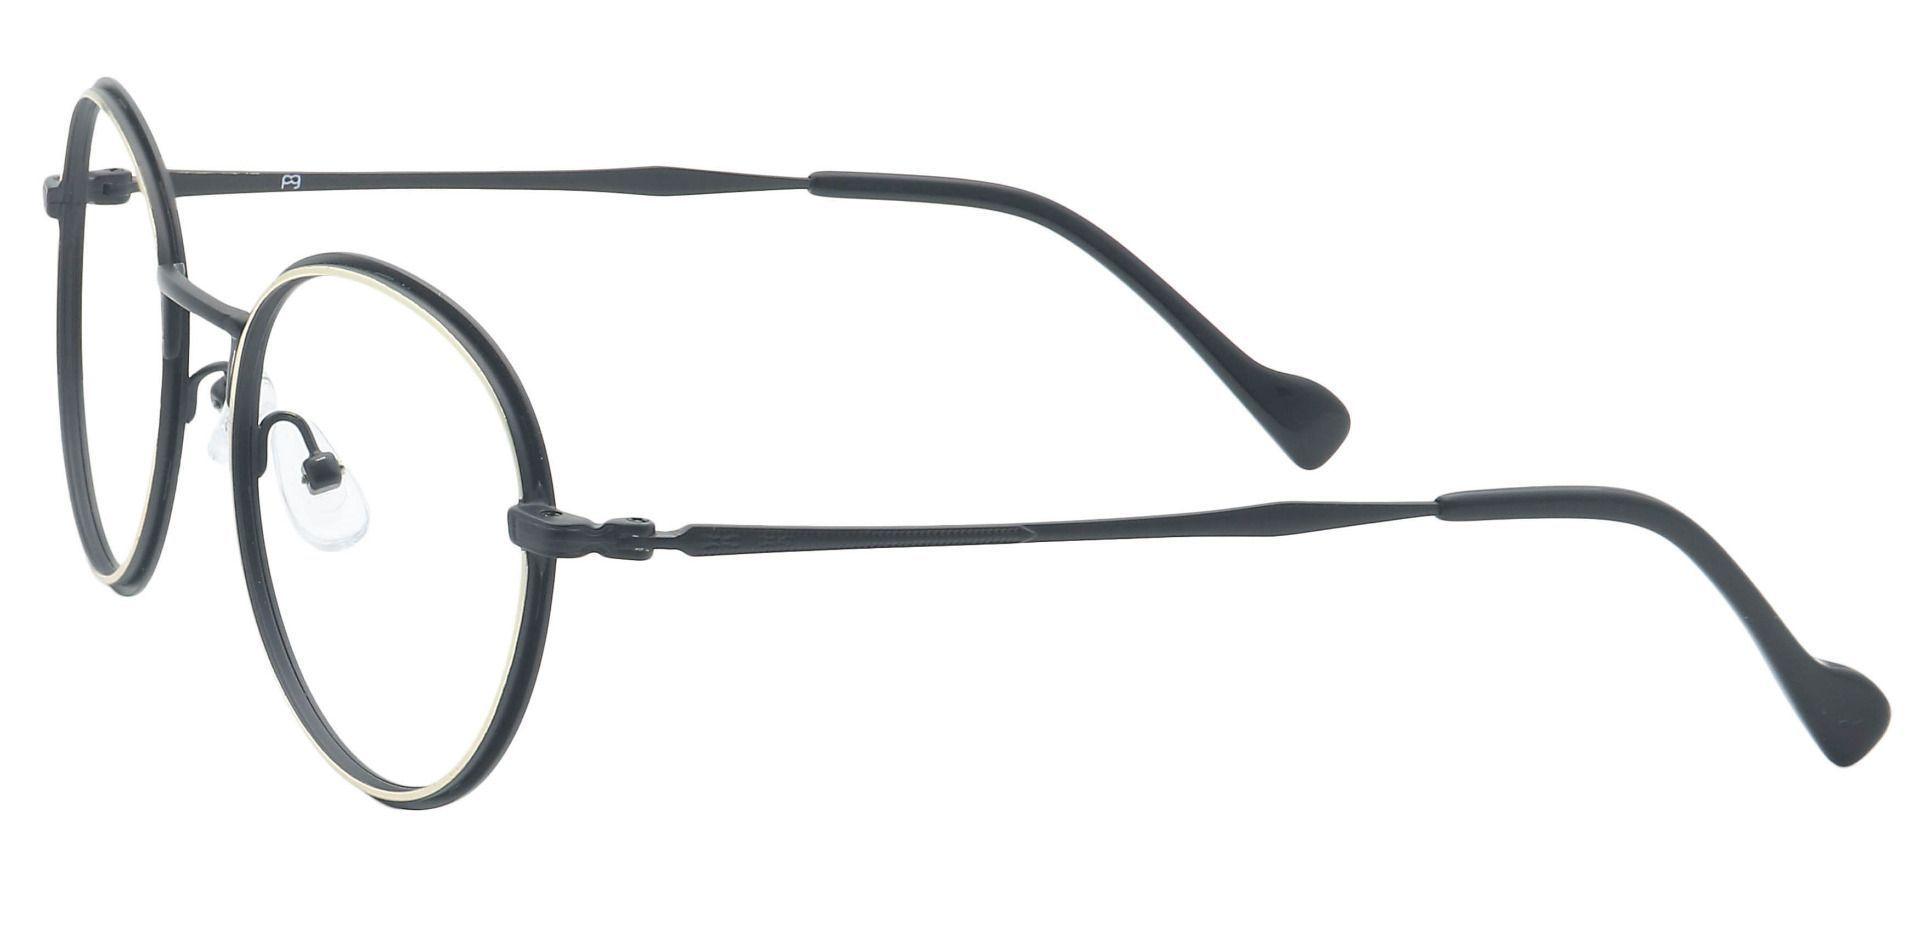 Page Oval Prescription Glasses - Black